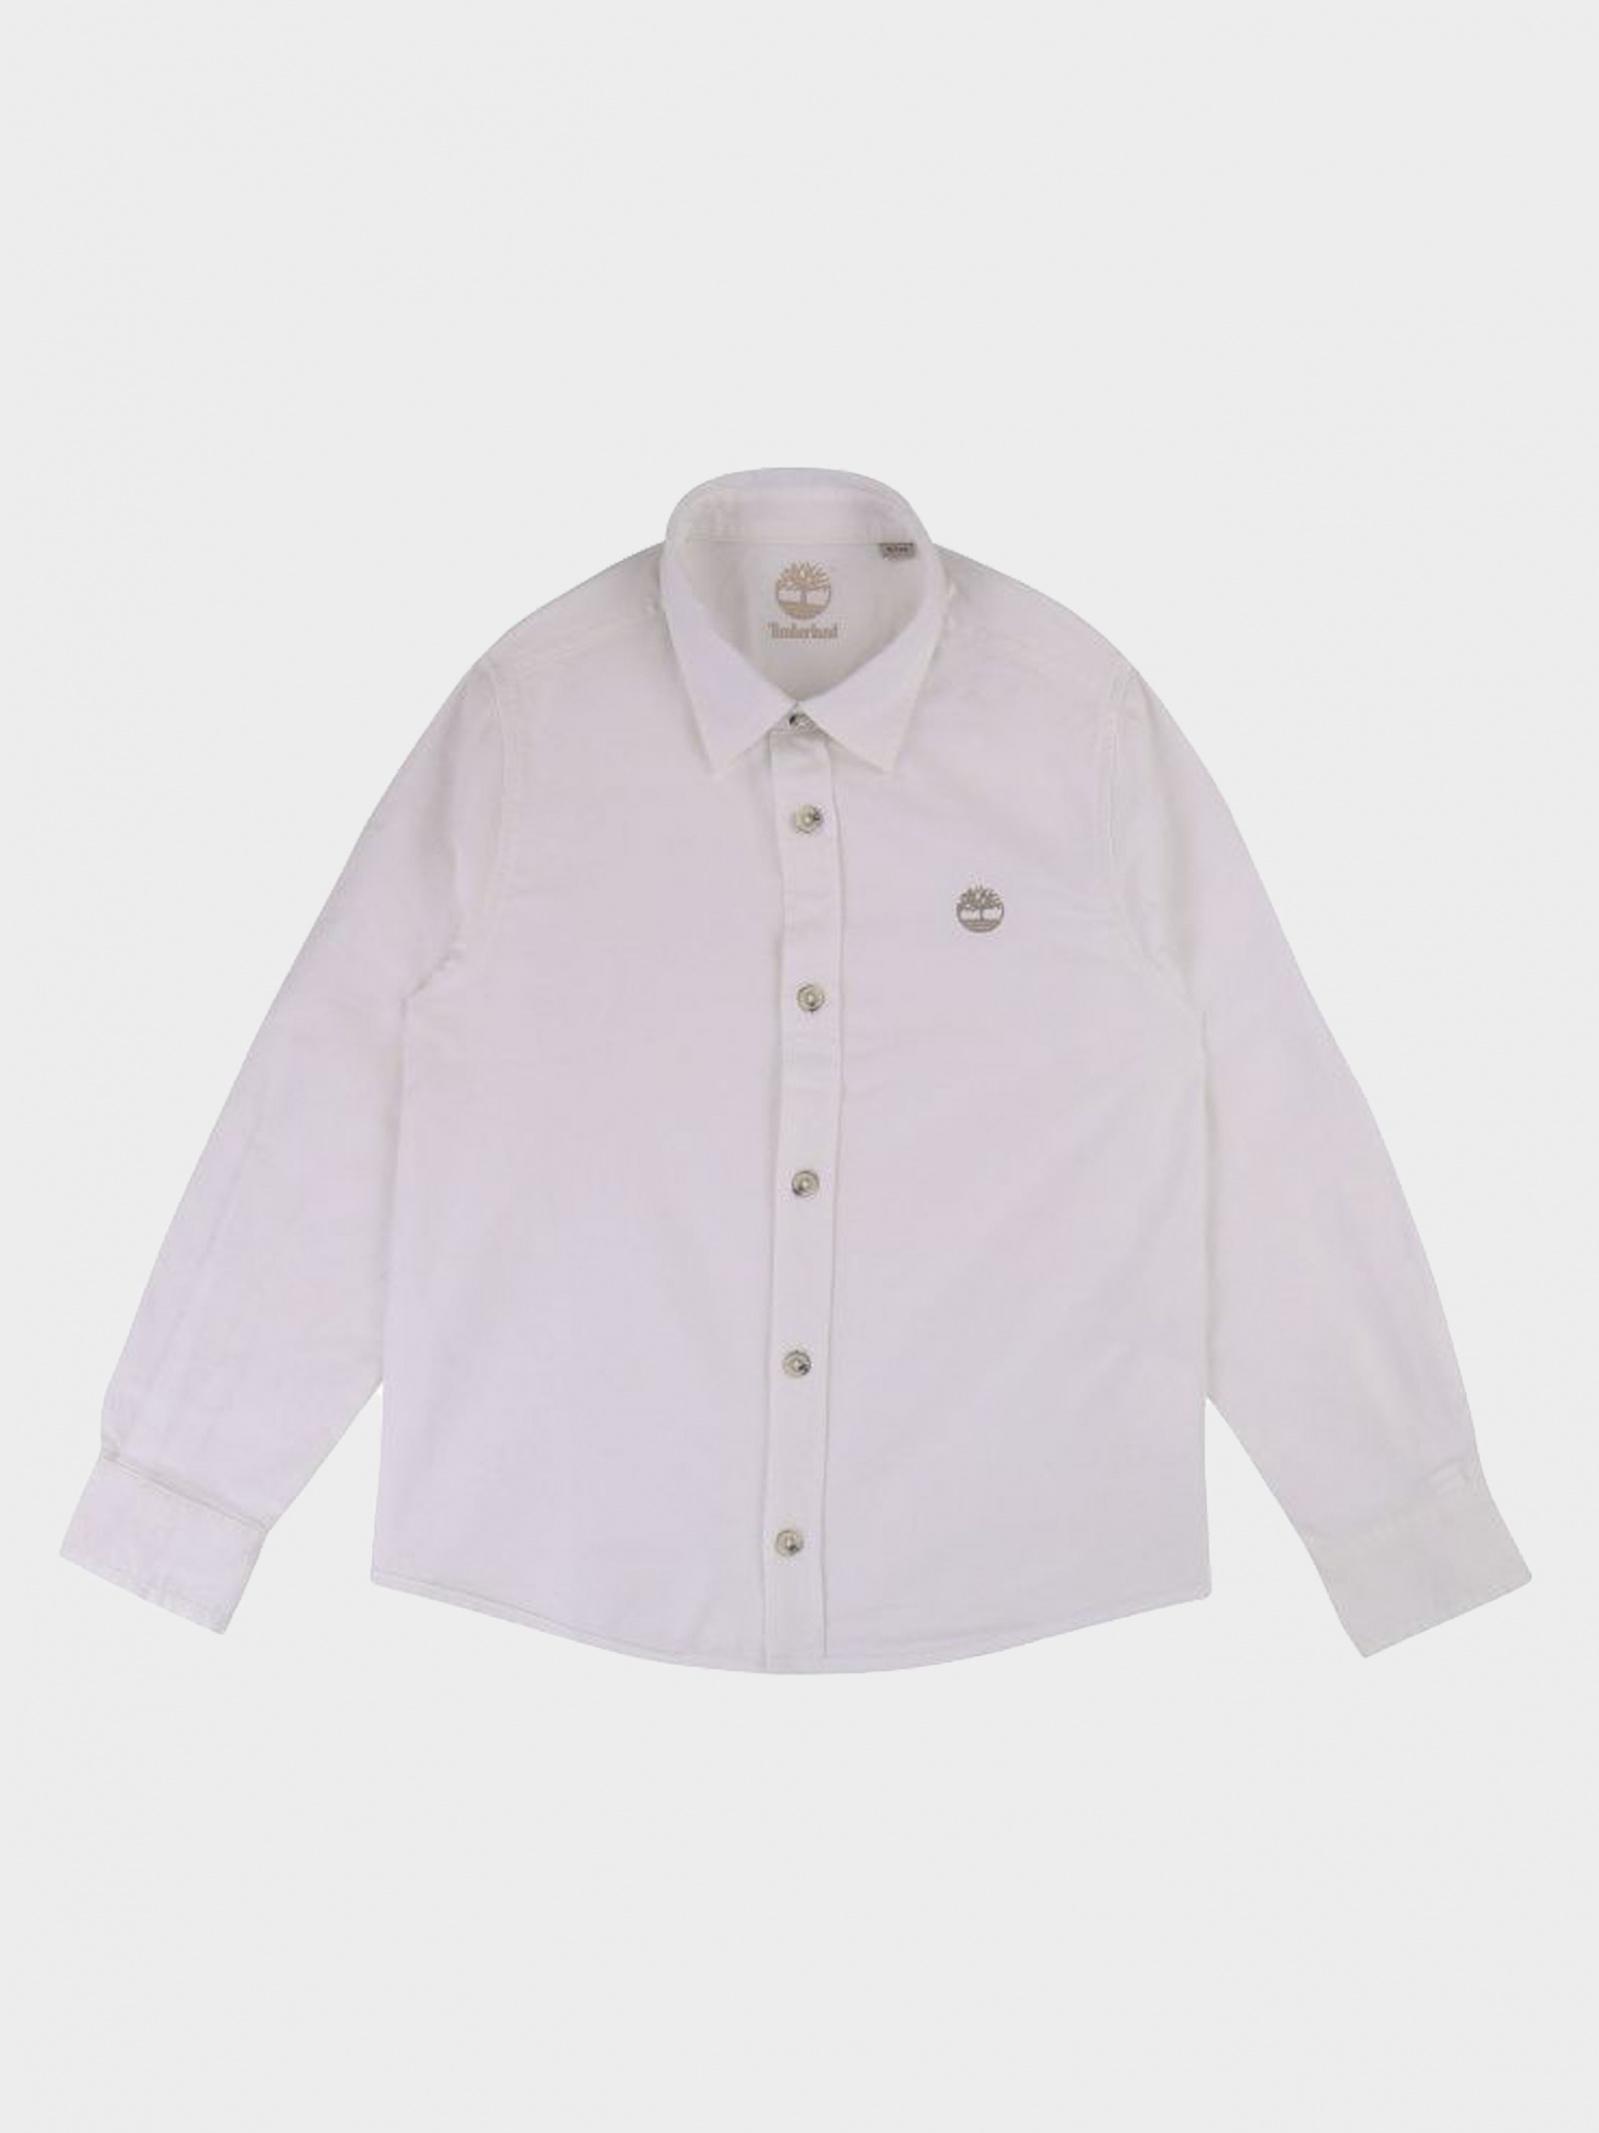 Рубашка с длинным рукавом детские Timberland Kids модель WT827 характеристики, 2017